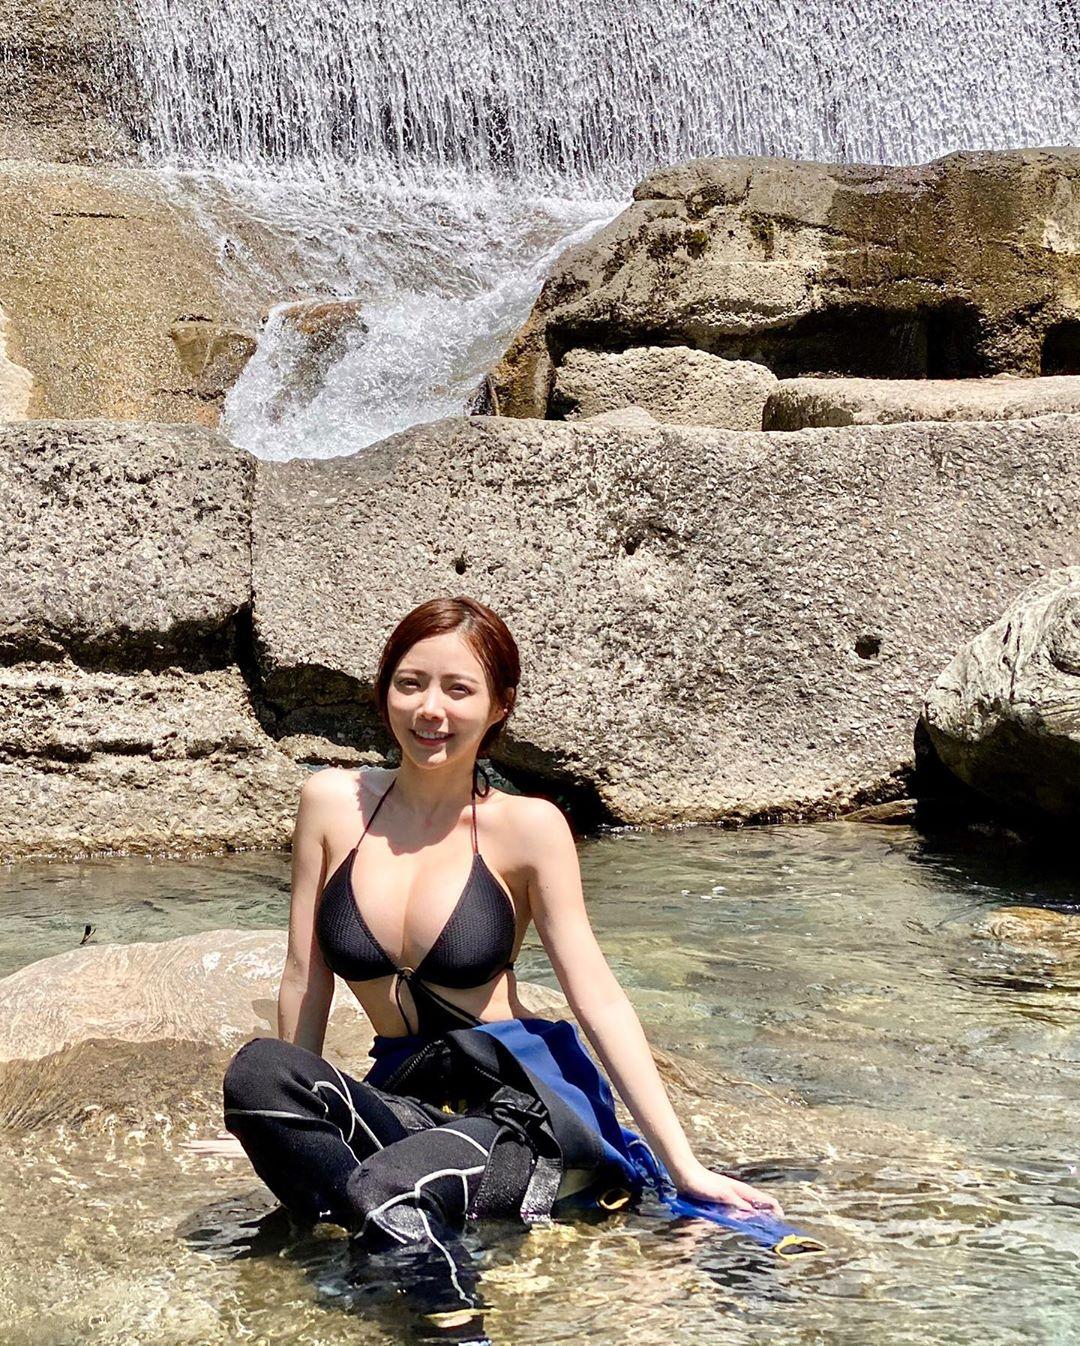 アンバー・ナ「大自然でさわやかセクシー」ダイビングで大はしゃぎ!【画像9枚】の画像007